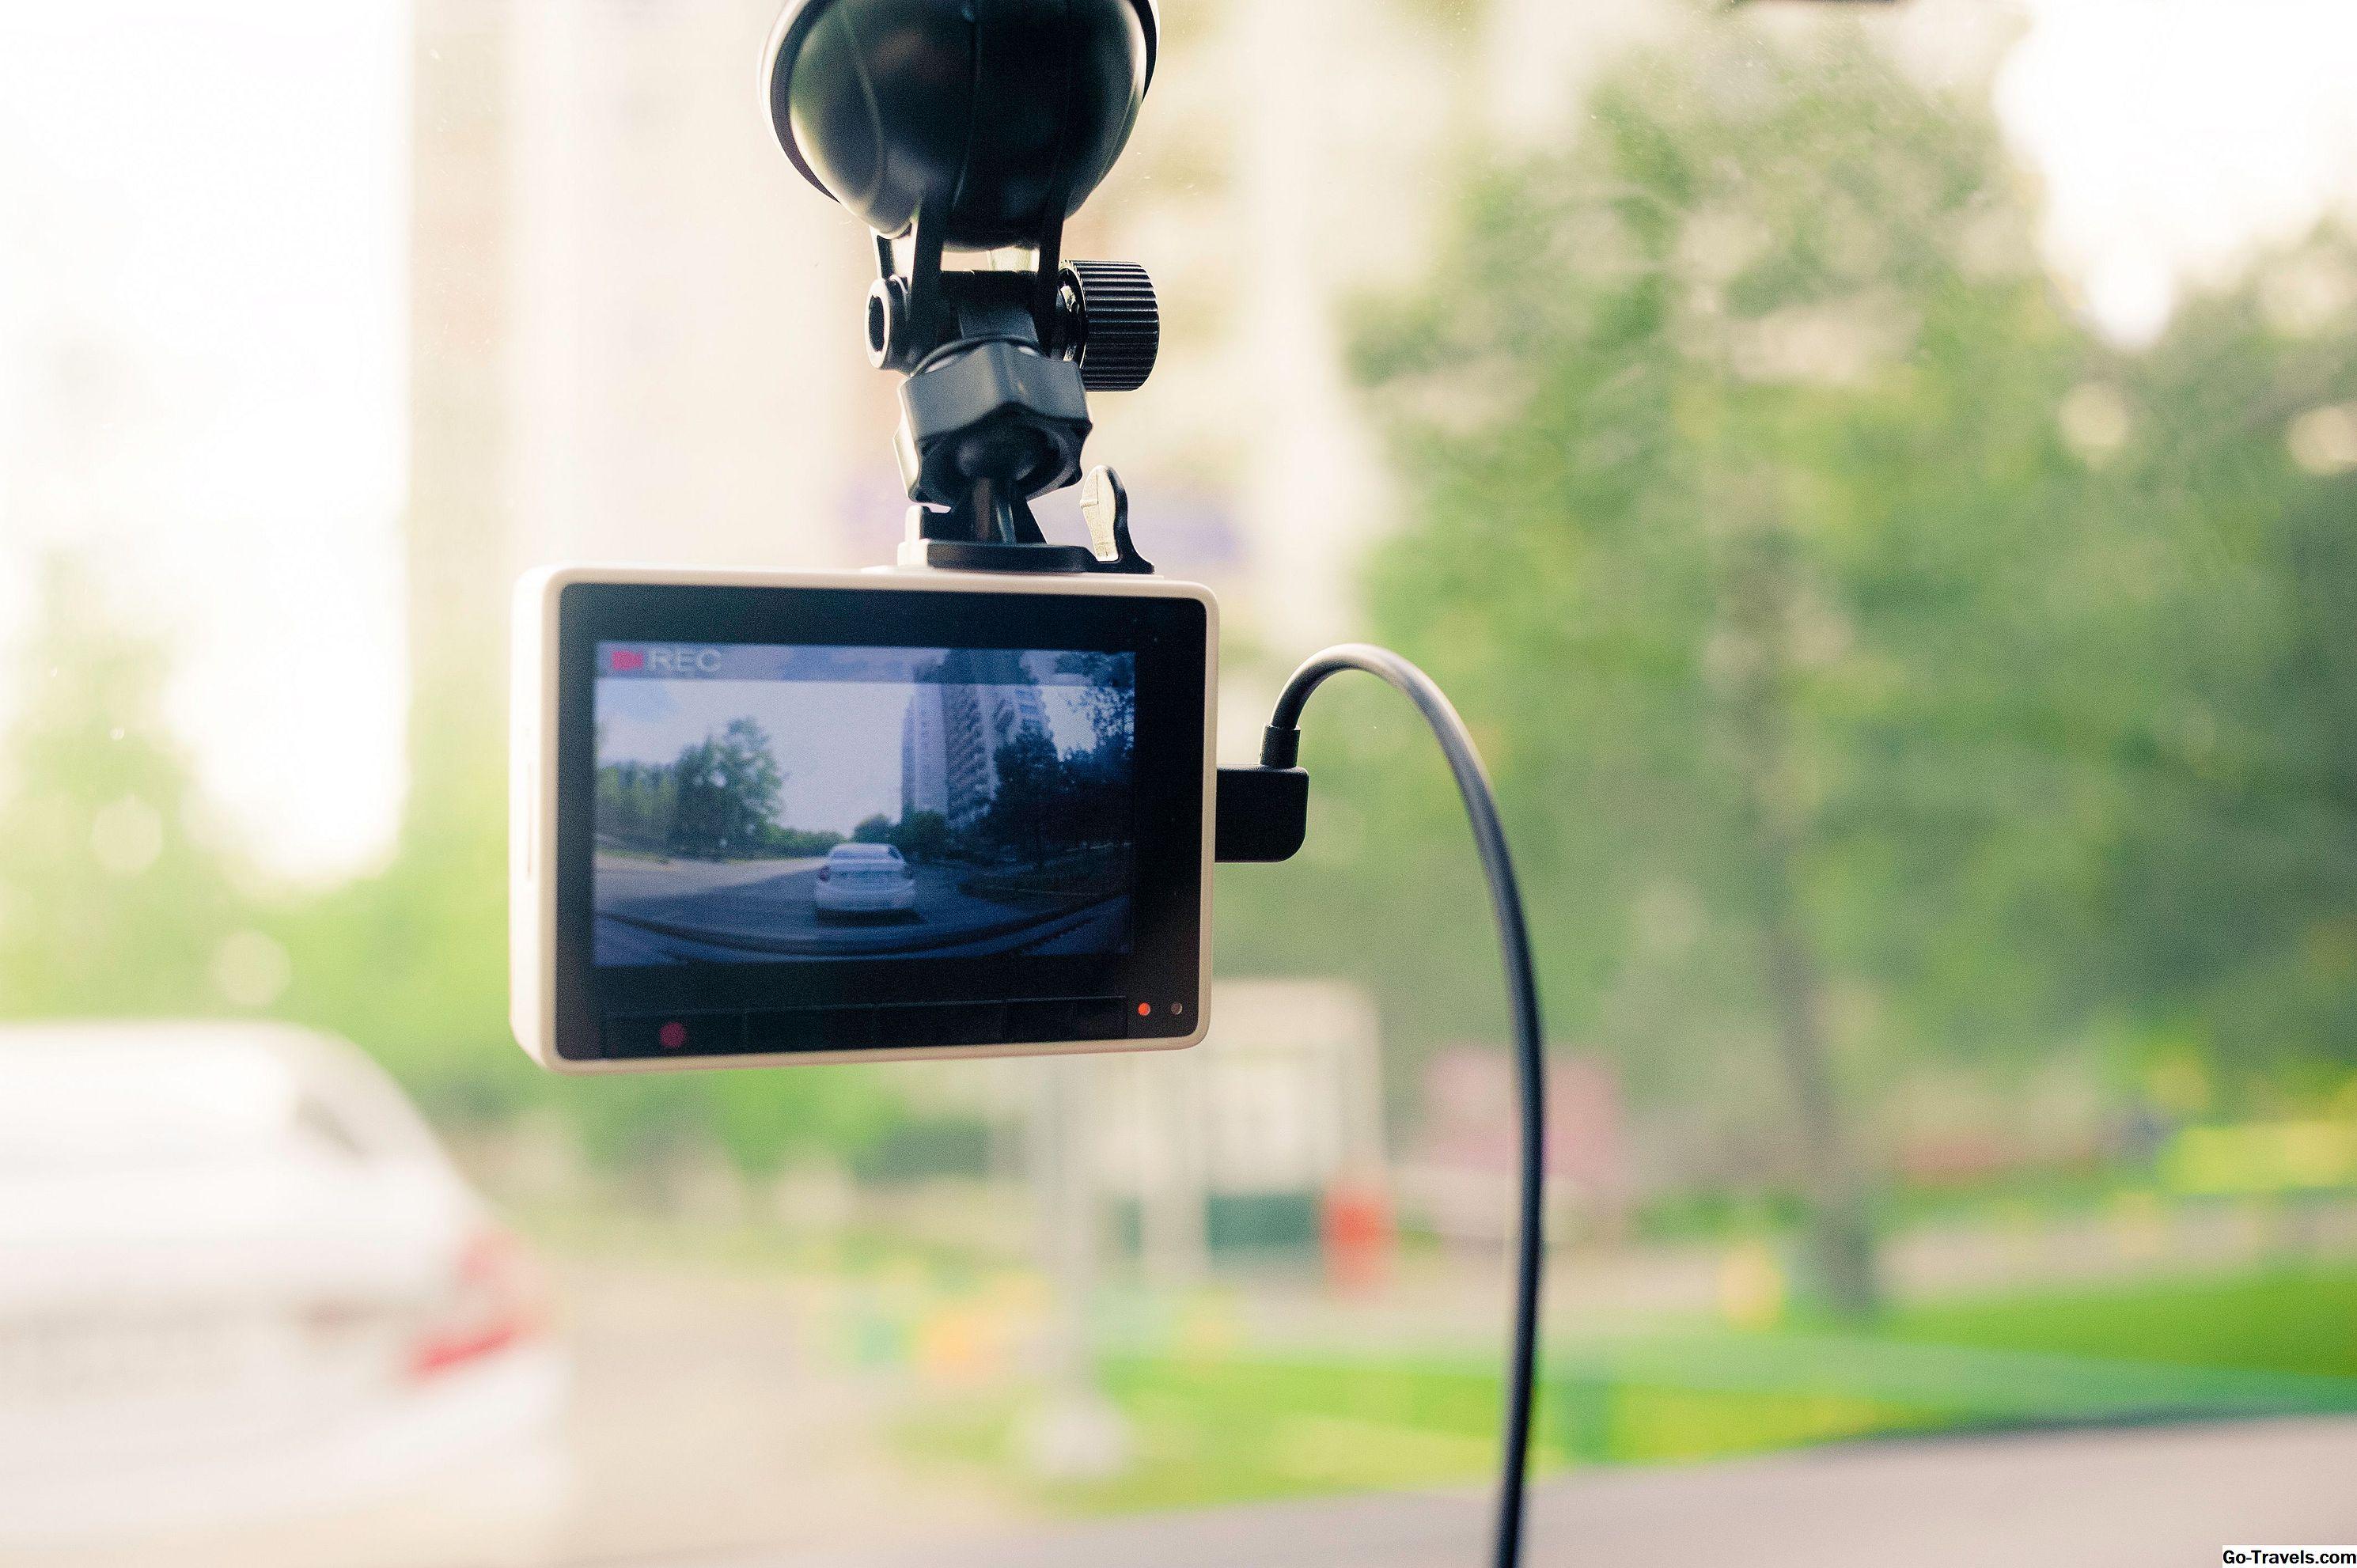 GoPro vs Dash Kamera